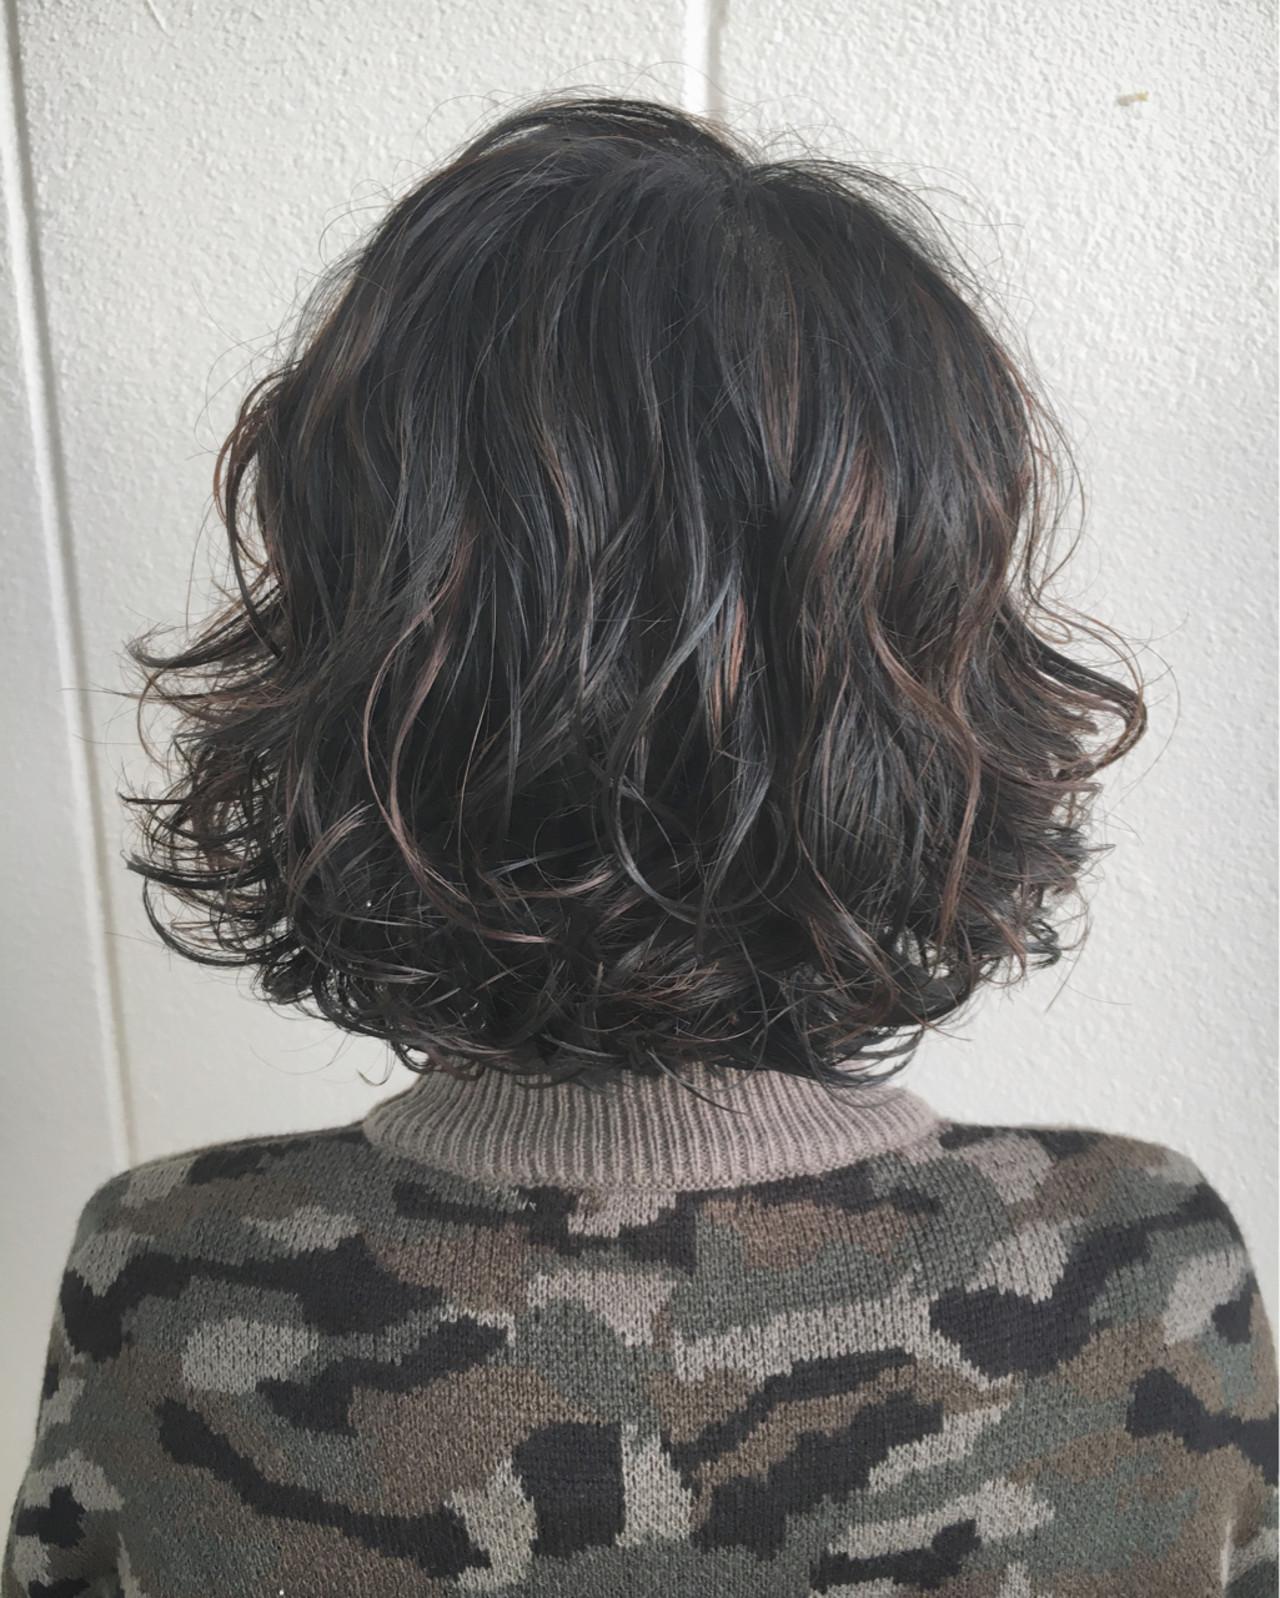 ボブ パーマ 波ウェーブ 外国人風 ヘアスタイルや髪型の写真・画像